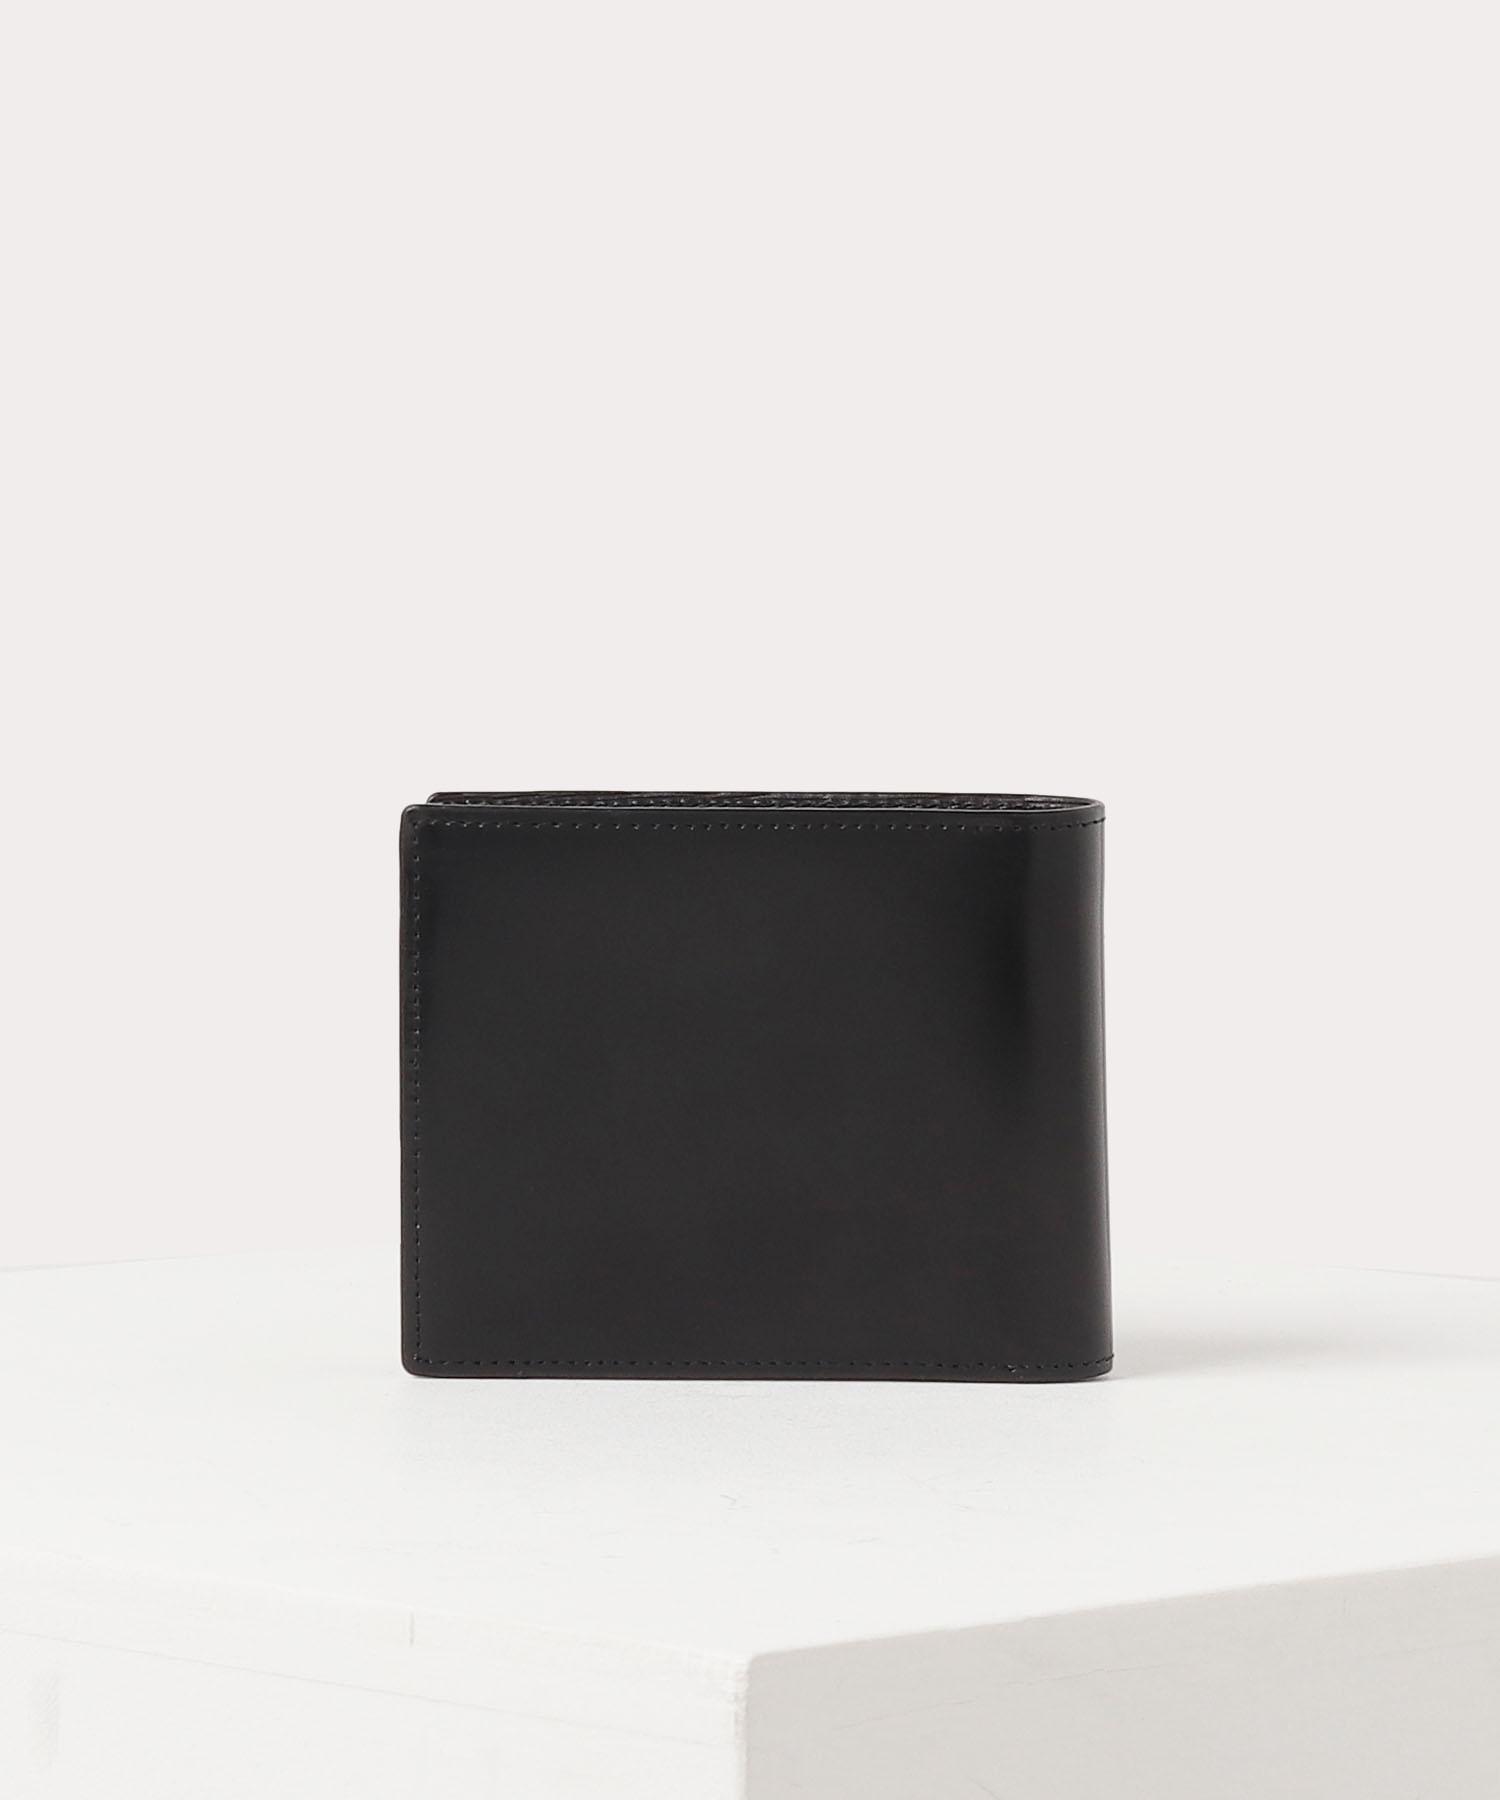 ADVAN 二つ折り財布